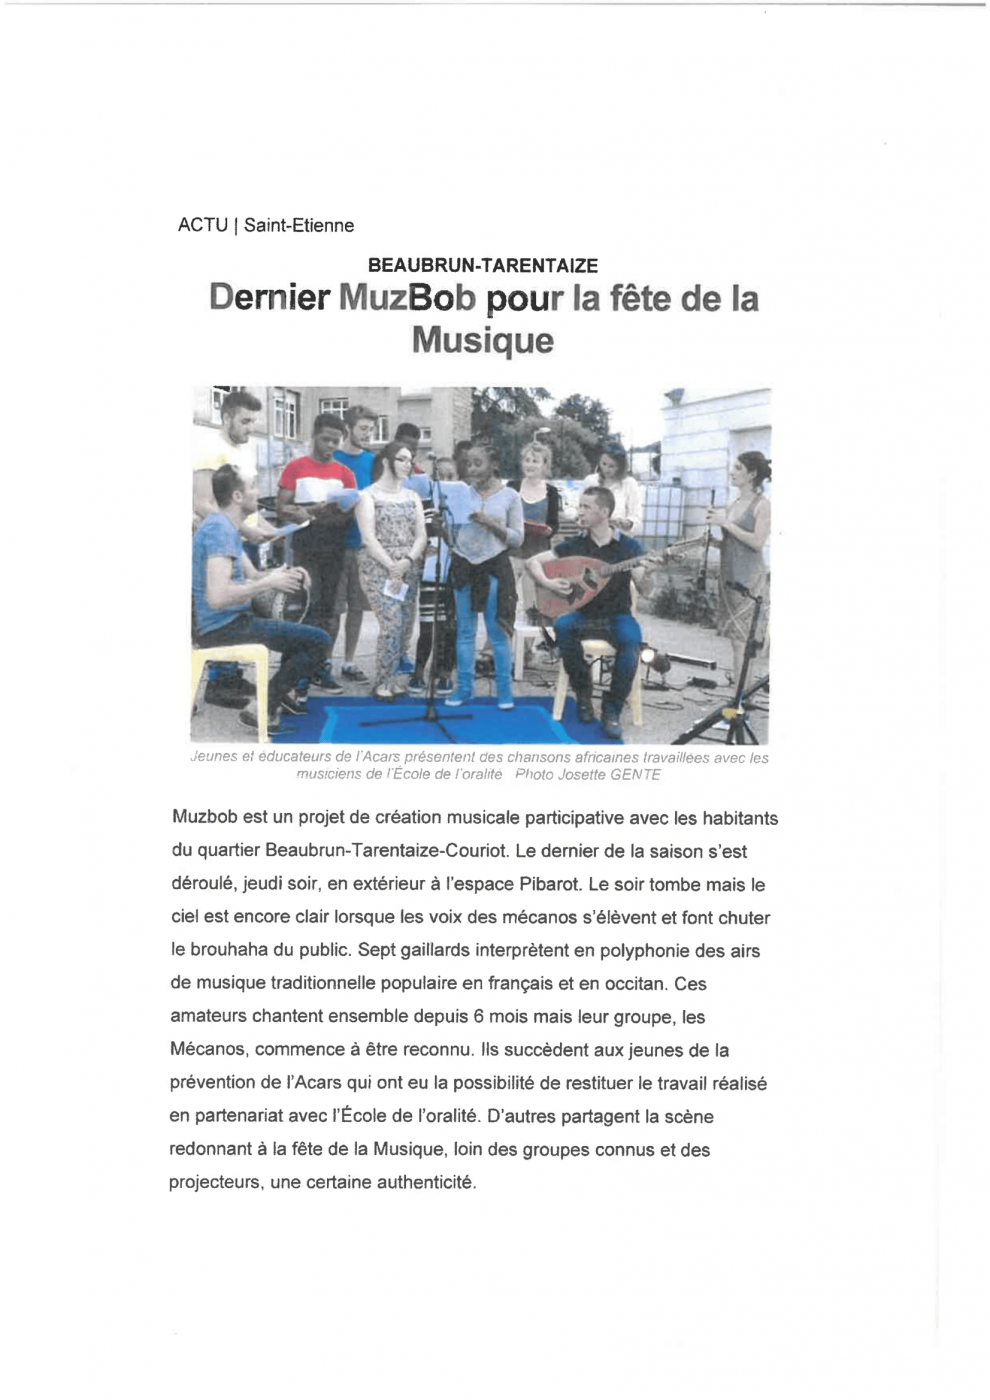 article : Dernier MuzBob pour la fête de la musique